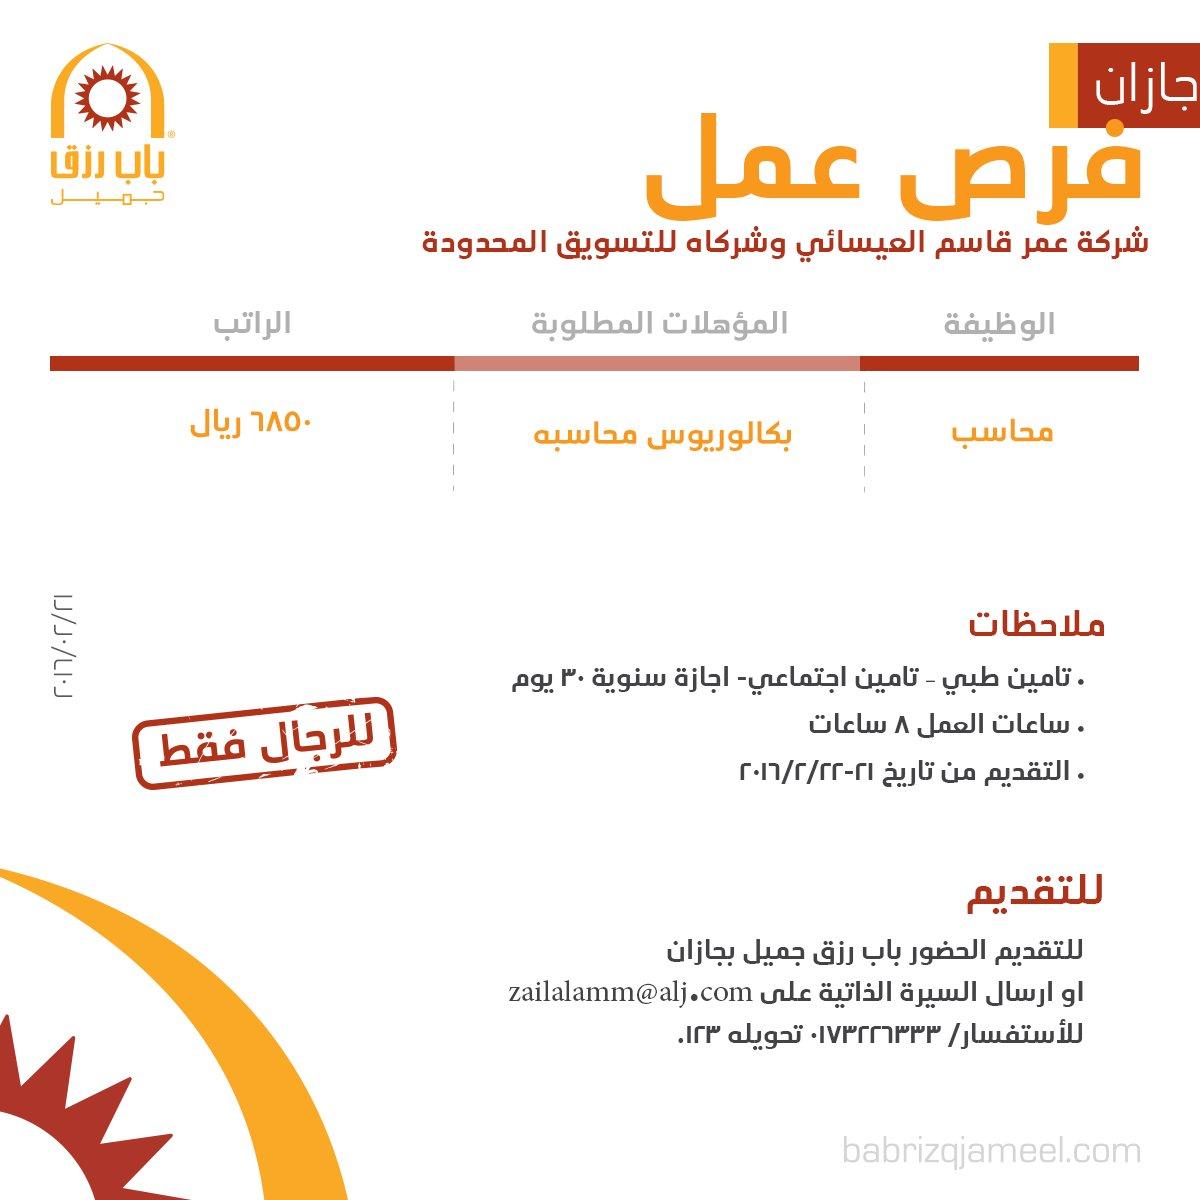 مطلوب محاسب لشركة عمر قاسم العيسائي وشركاه للتسويق المحدود - جازان